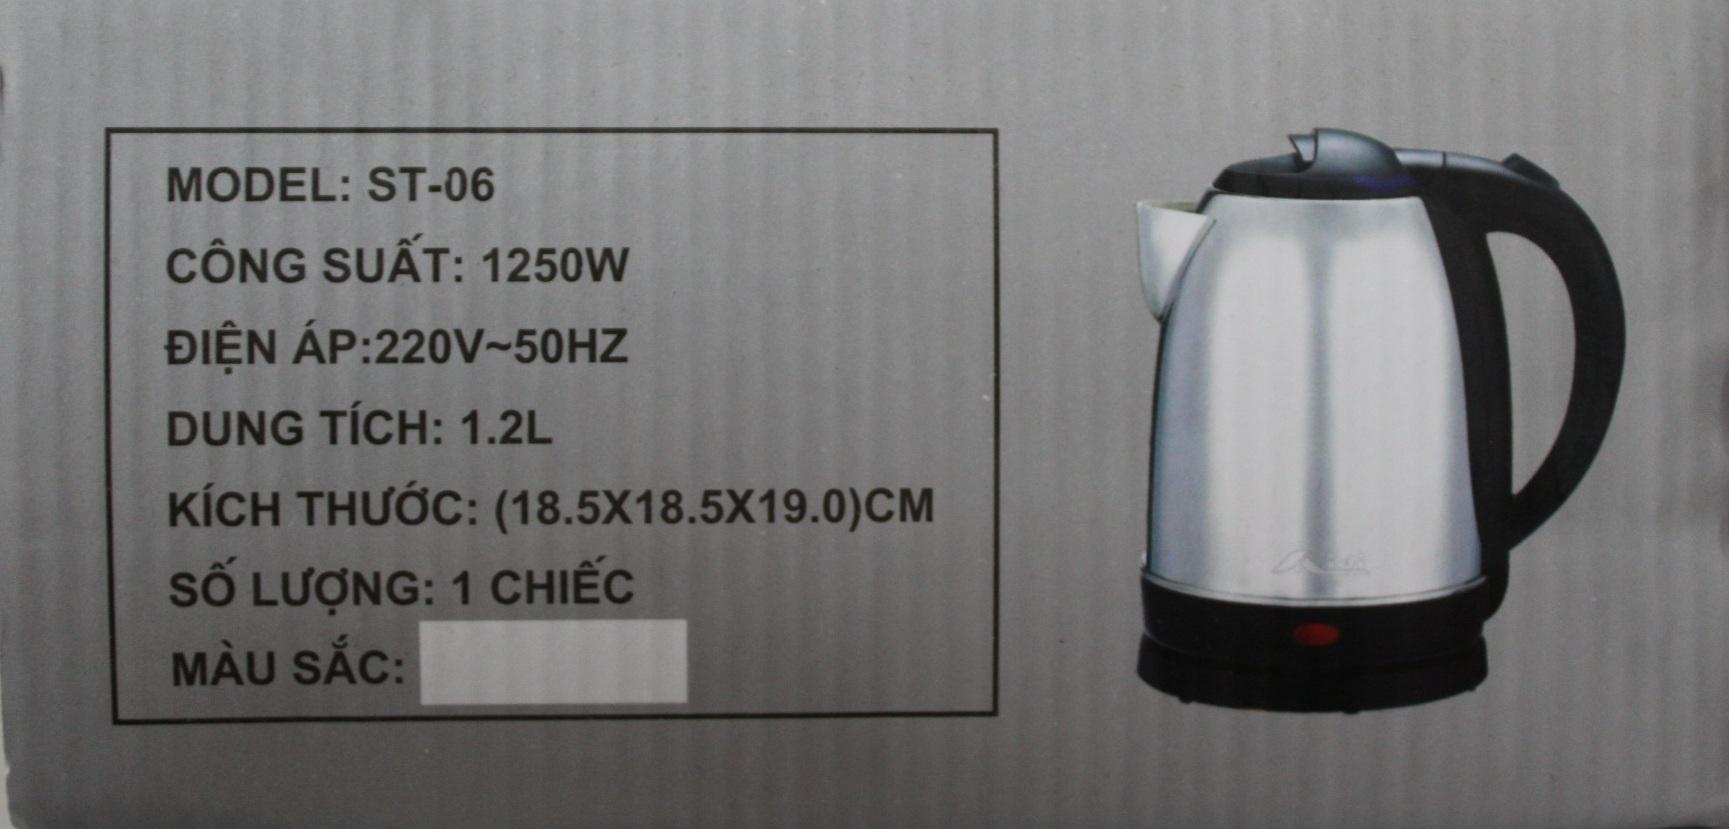 Bình Ấm Điện Siêu Tốc Aidi ST-06 (1,2 lít) - Màu Ngẫu Nhiên - Hàng Chính Hãng